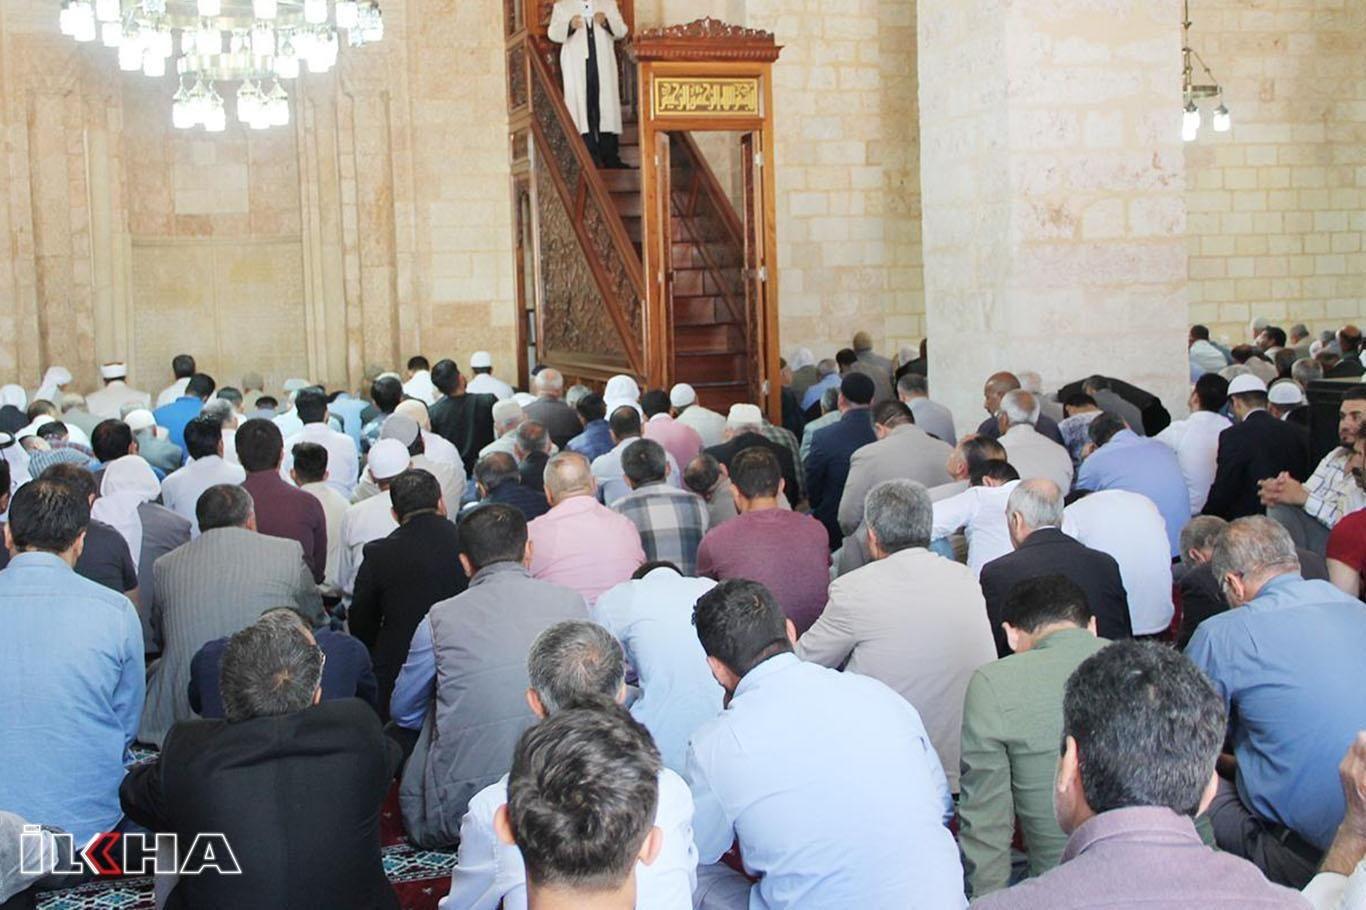 Hukum Khutbah Dua Kali Pada Sholat Ied bimbingan islam